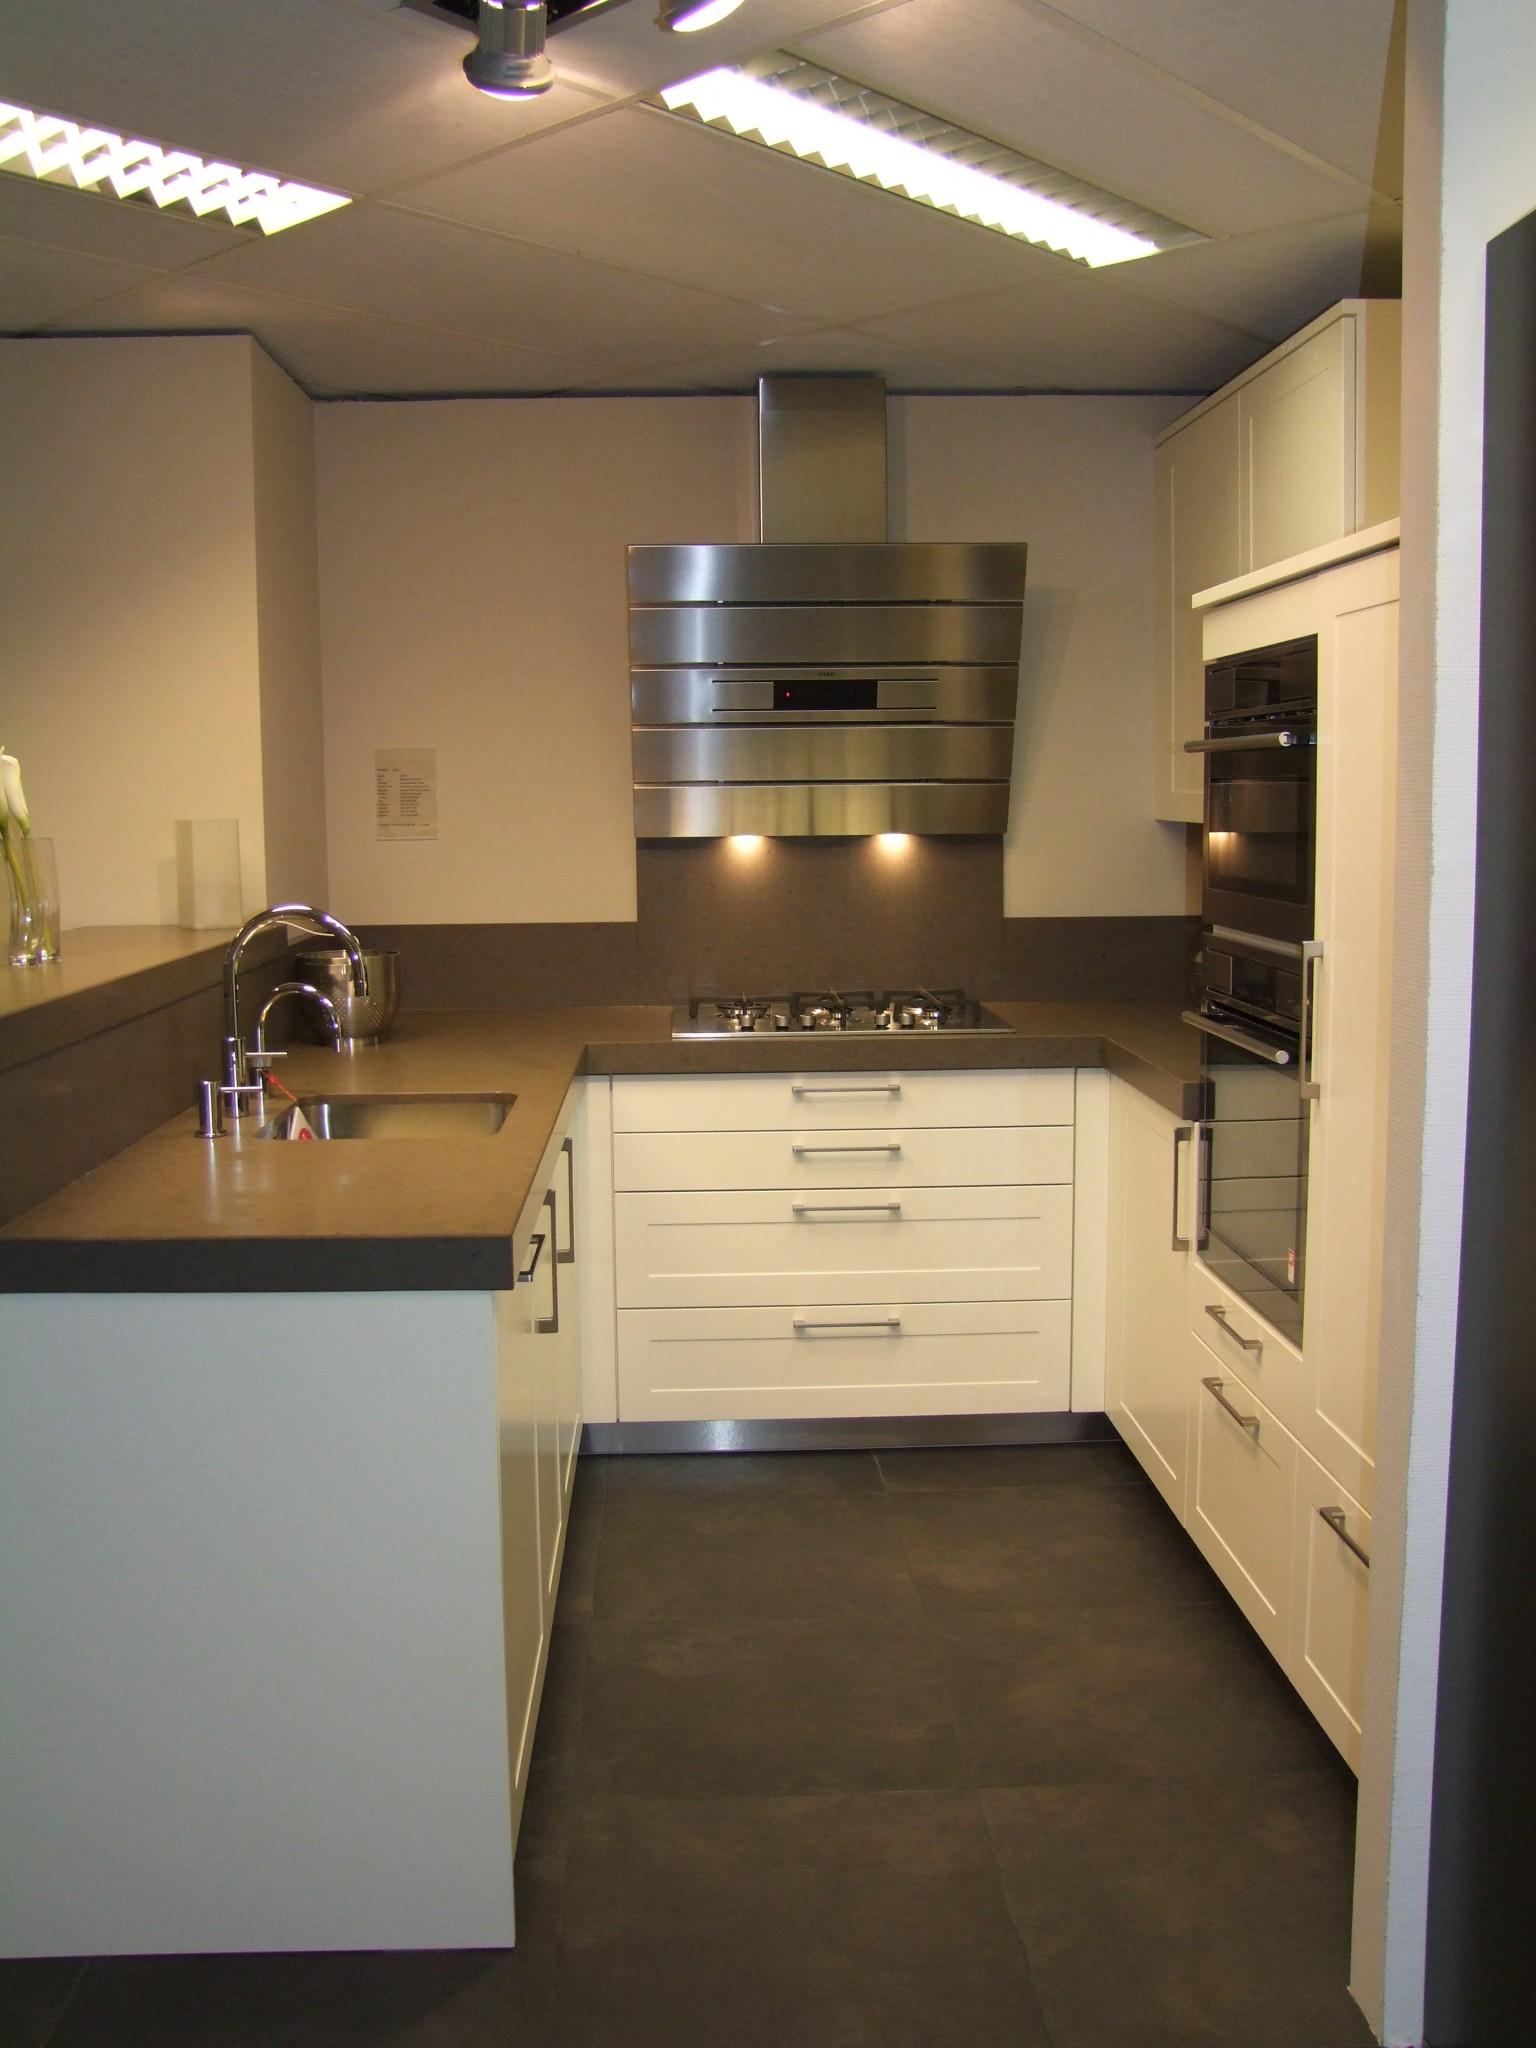 Modern landelijke keuken van vancel kremer keukens for Keuken landelijk modern